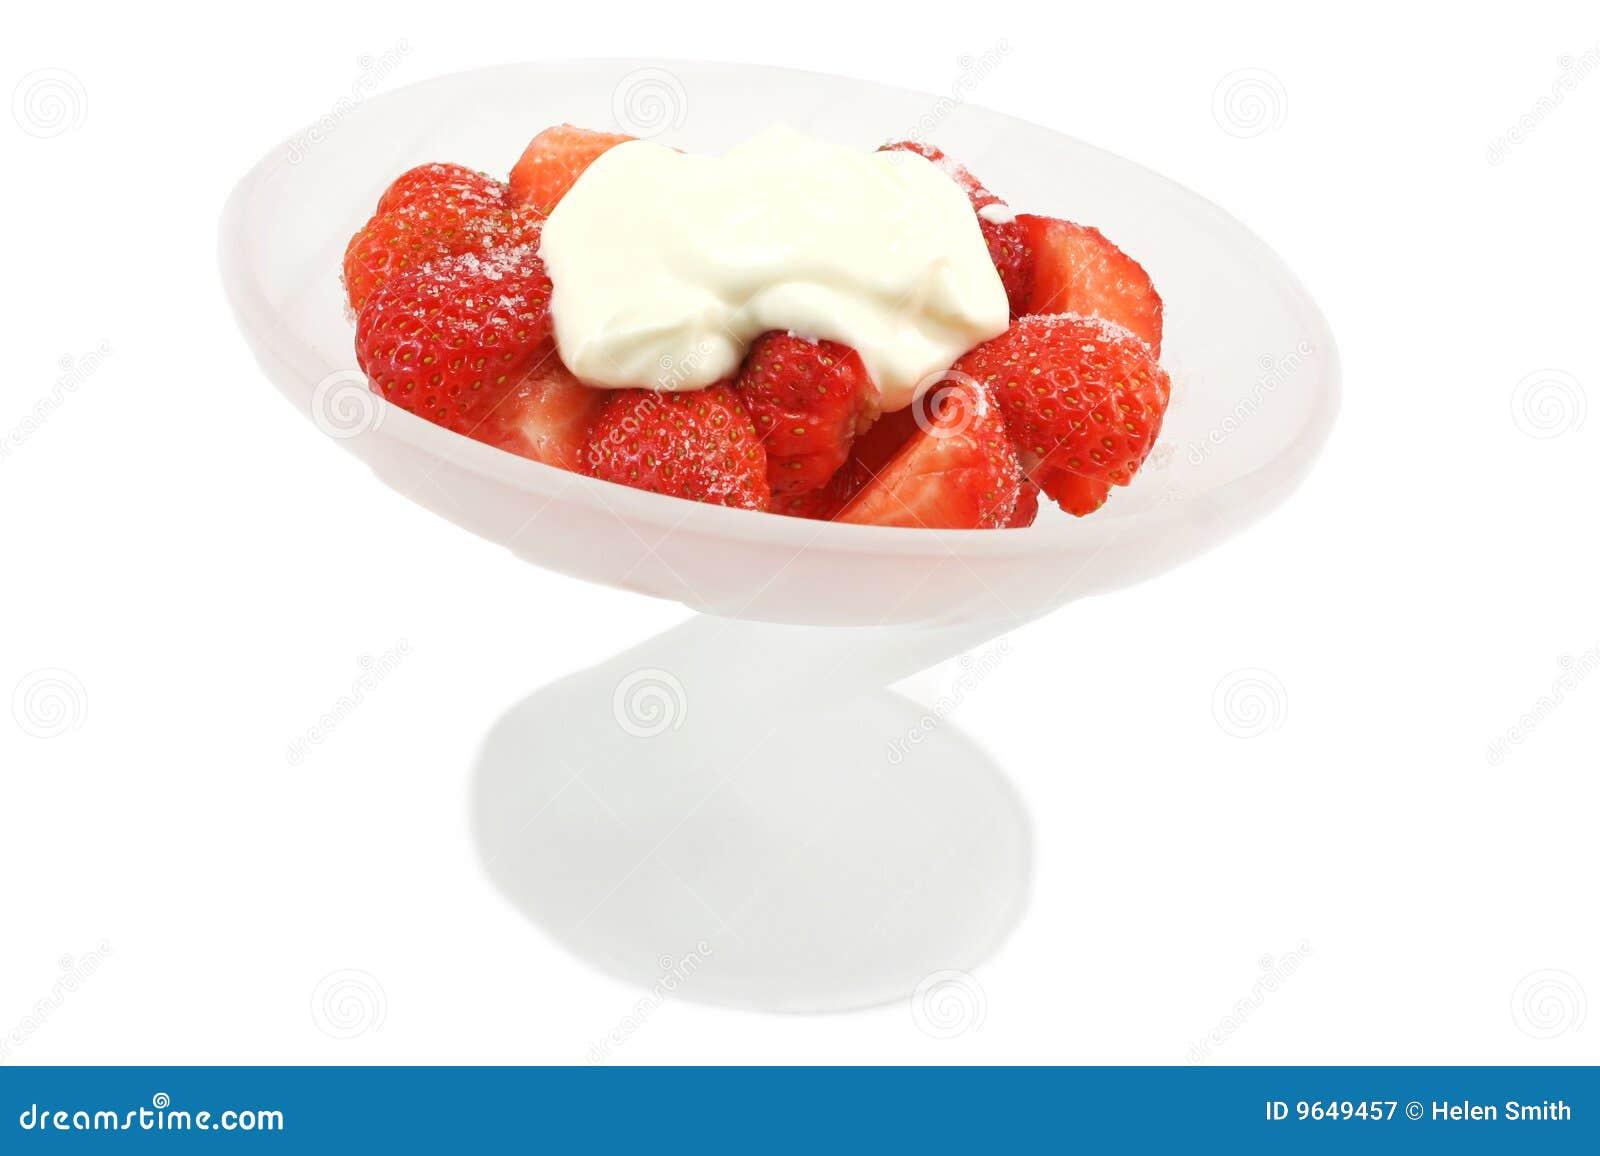 ... bread cream strawberry bread pudding with creme fraiche whipped cream